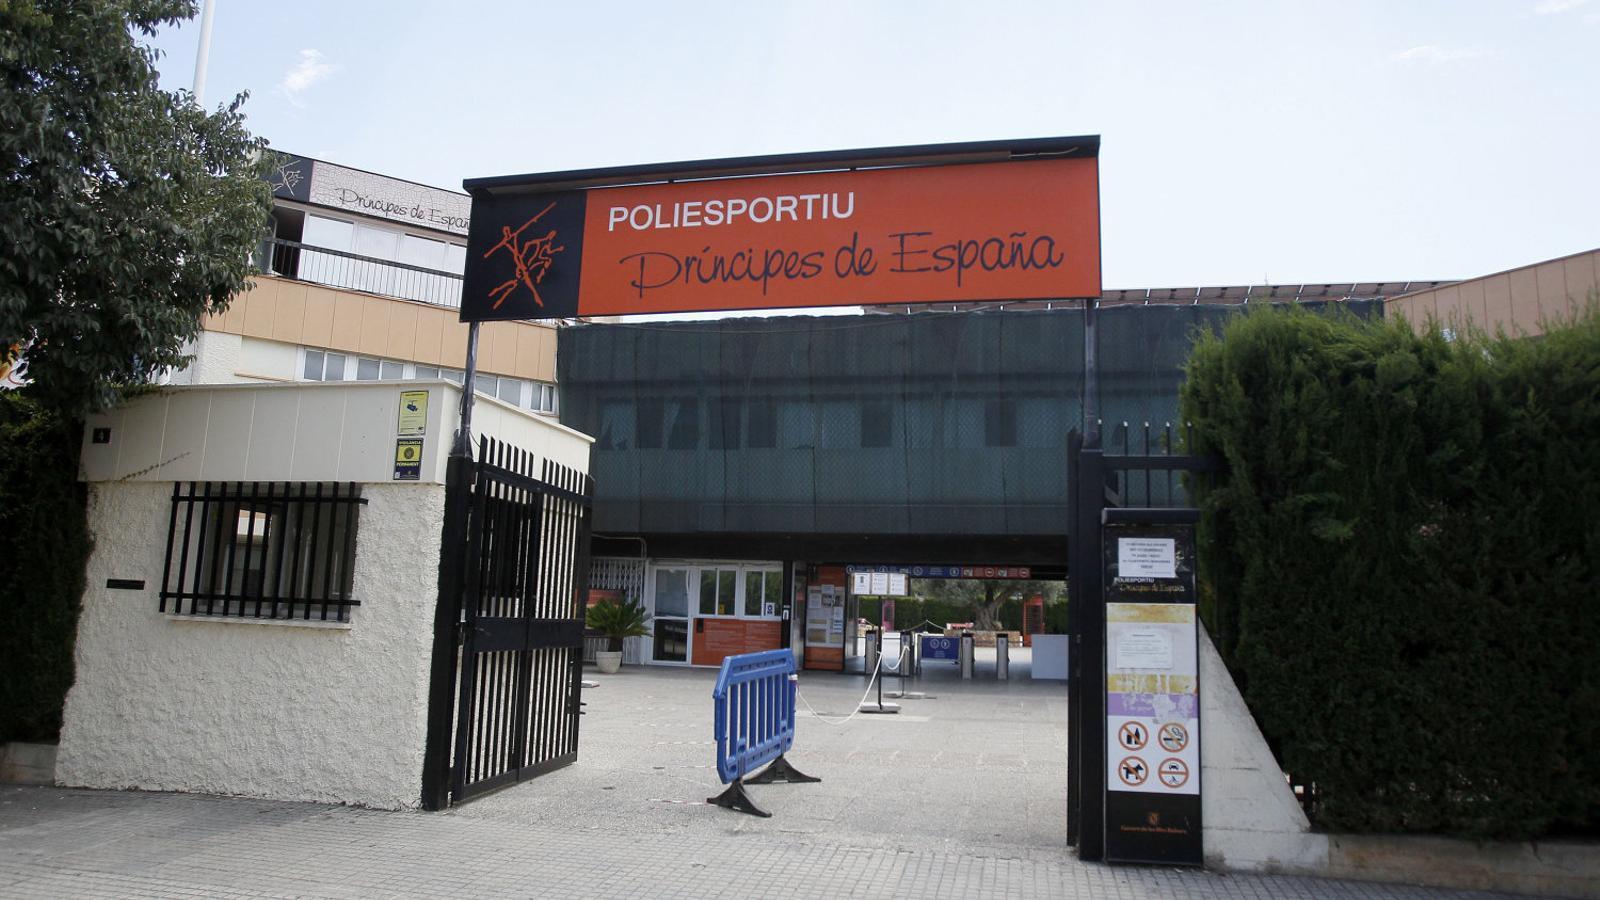 El Govern vol canviar           el nom del poliesportiu Prínceps d'Espanya